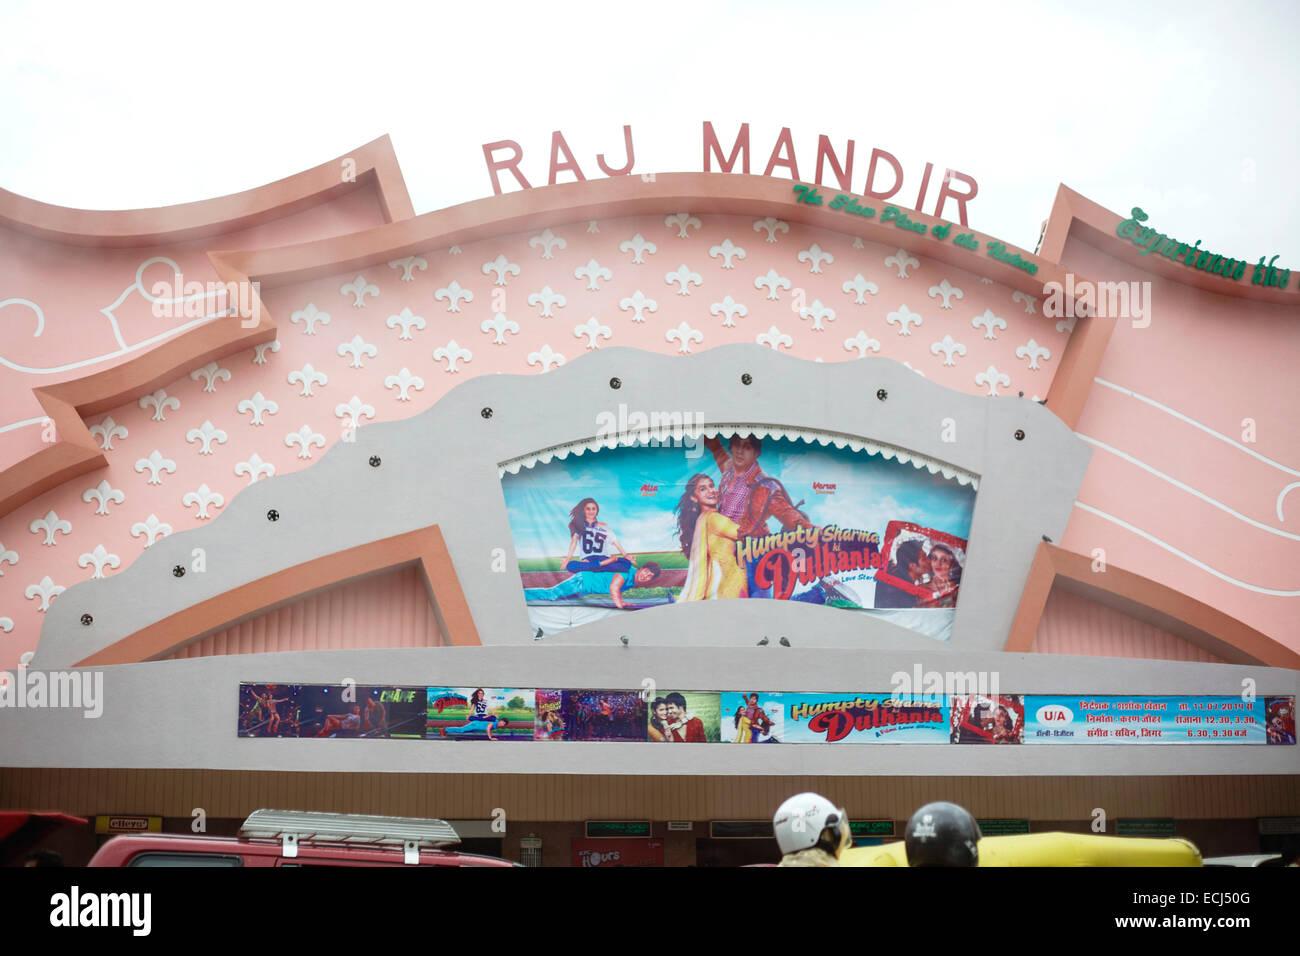 Jaipur, Raj Mandir cinema - Stock Image